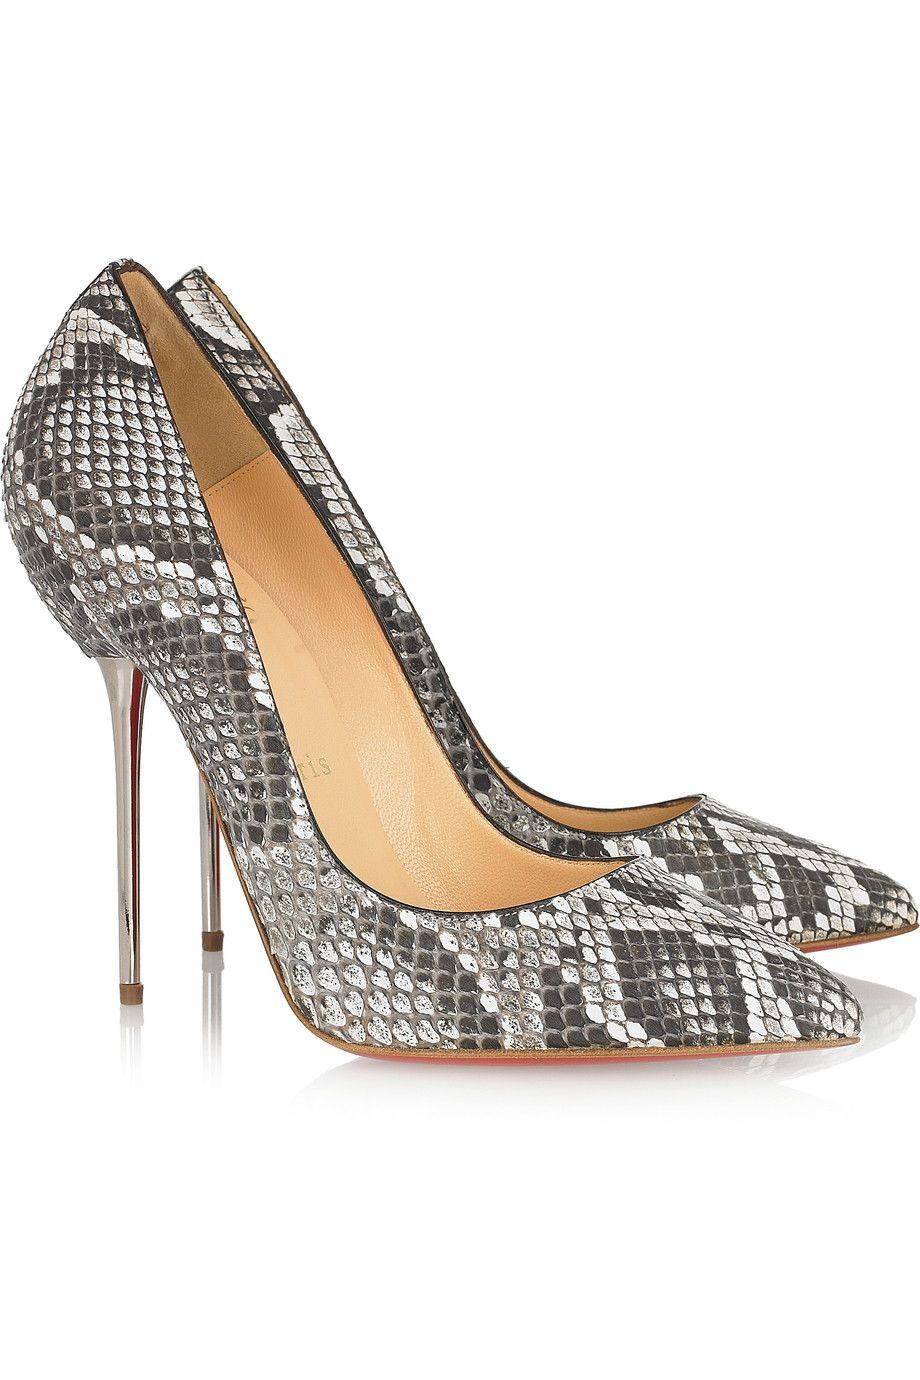 Christian Louboutin - Lipsinka 120 pin-heeled python pumps